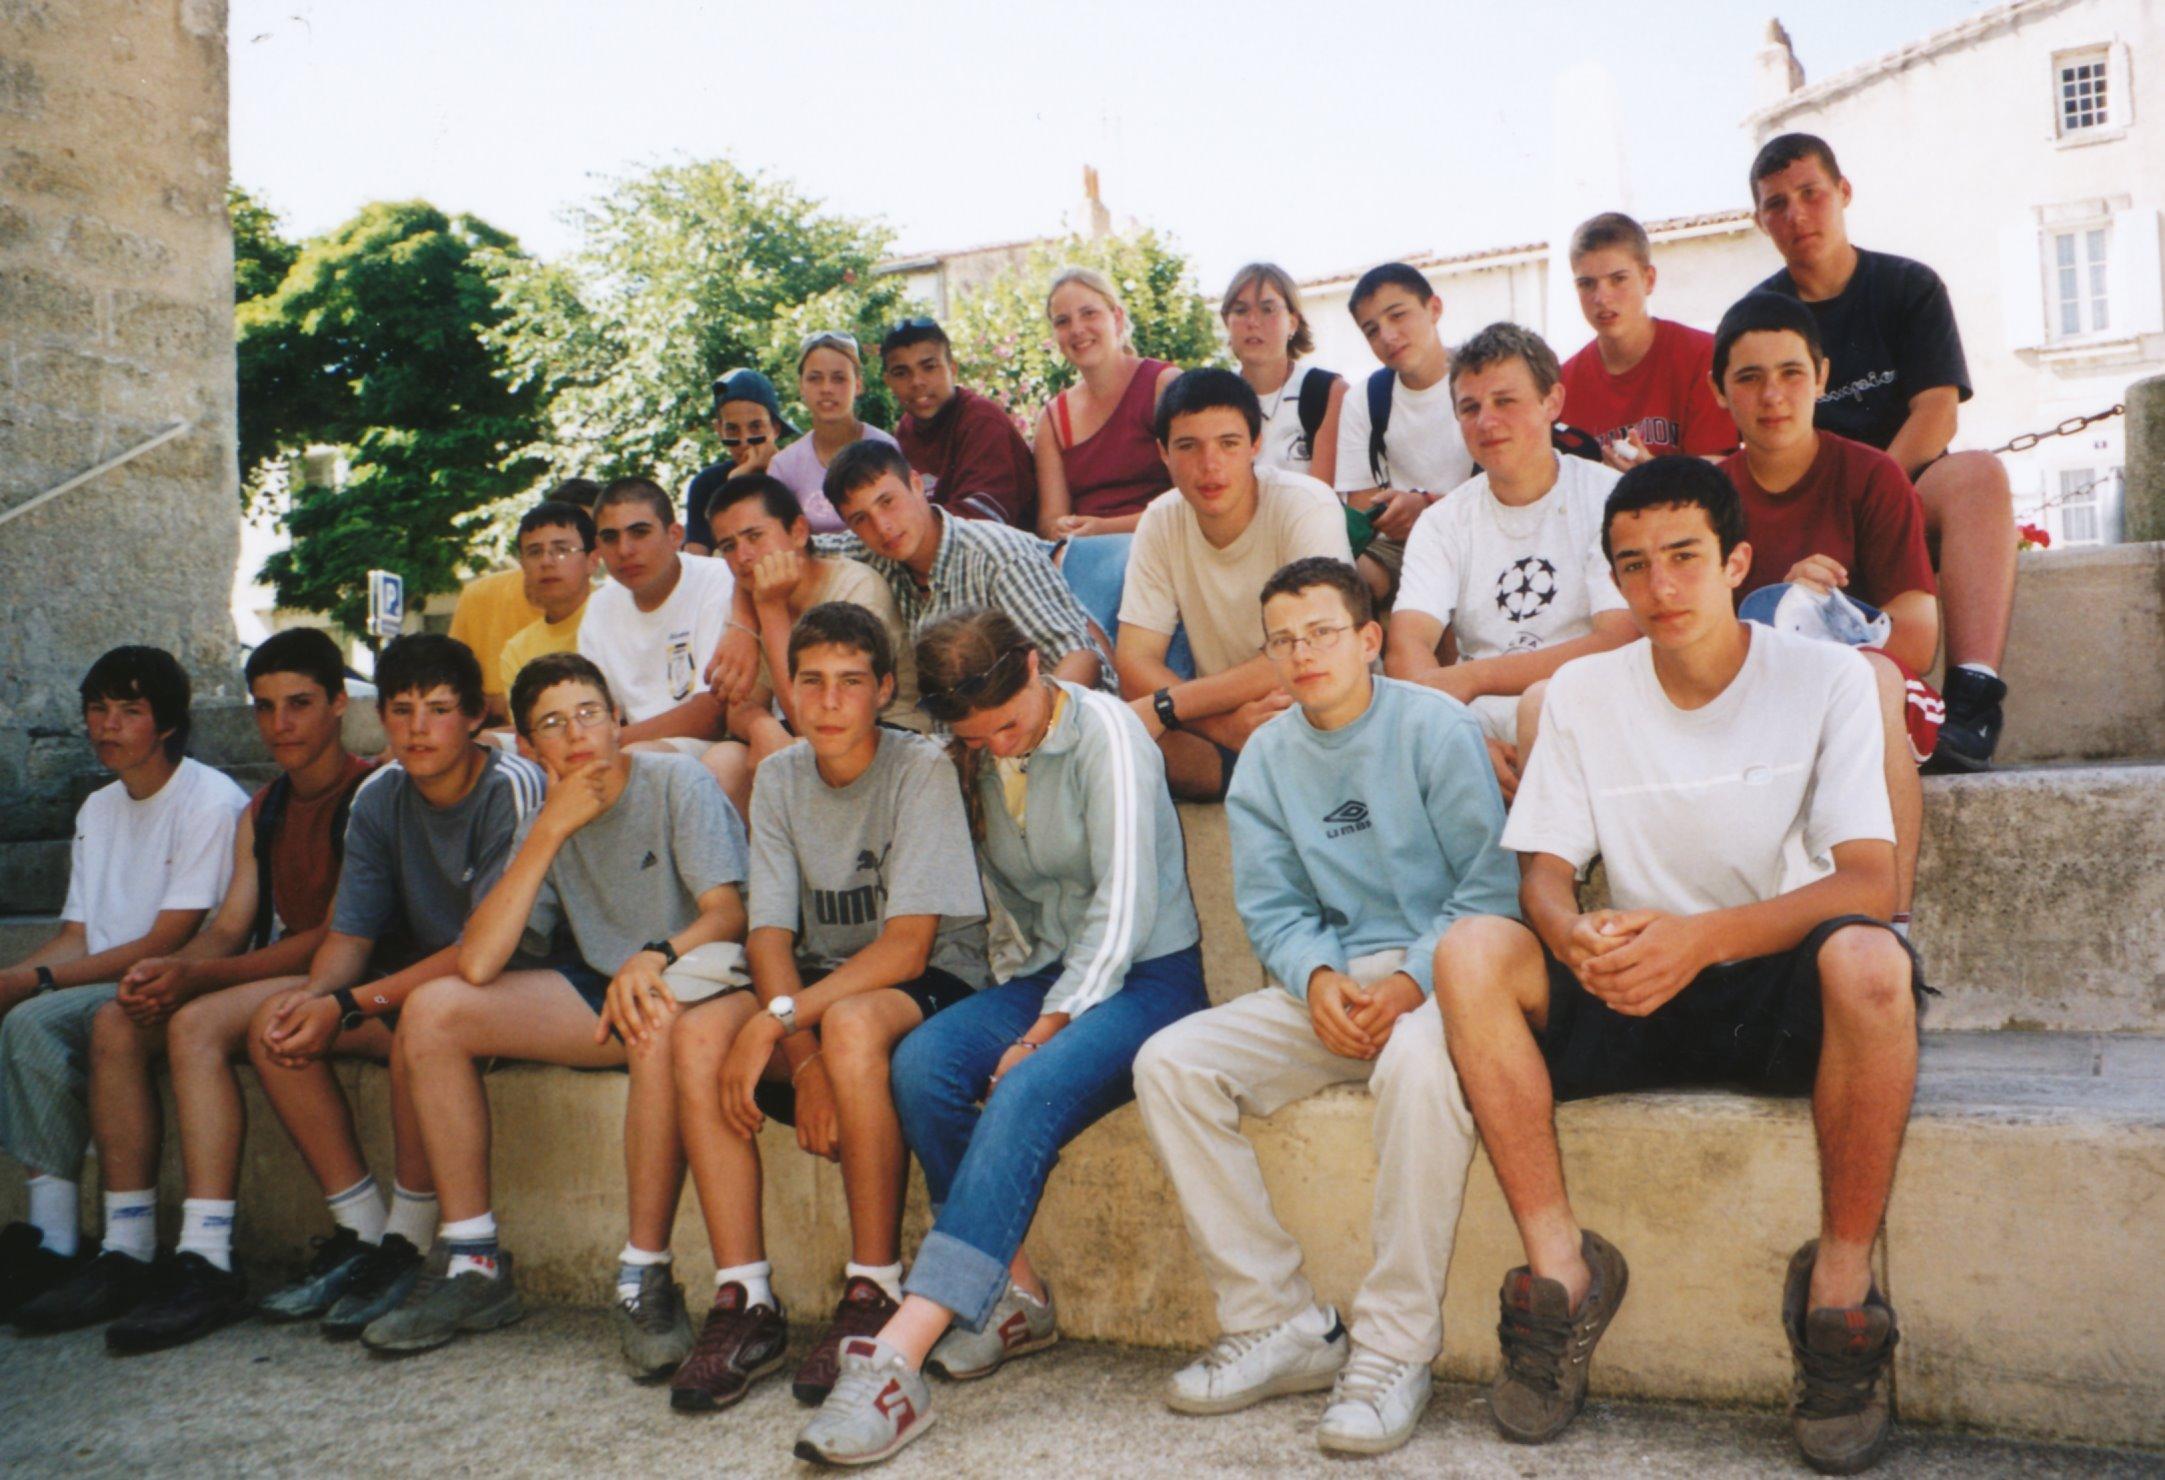 Archives anciens élèves mfr puy-sec 2002 (5)